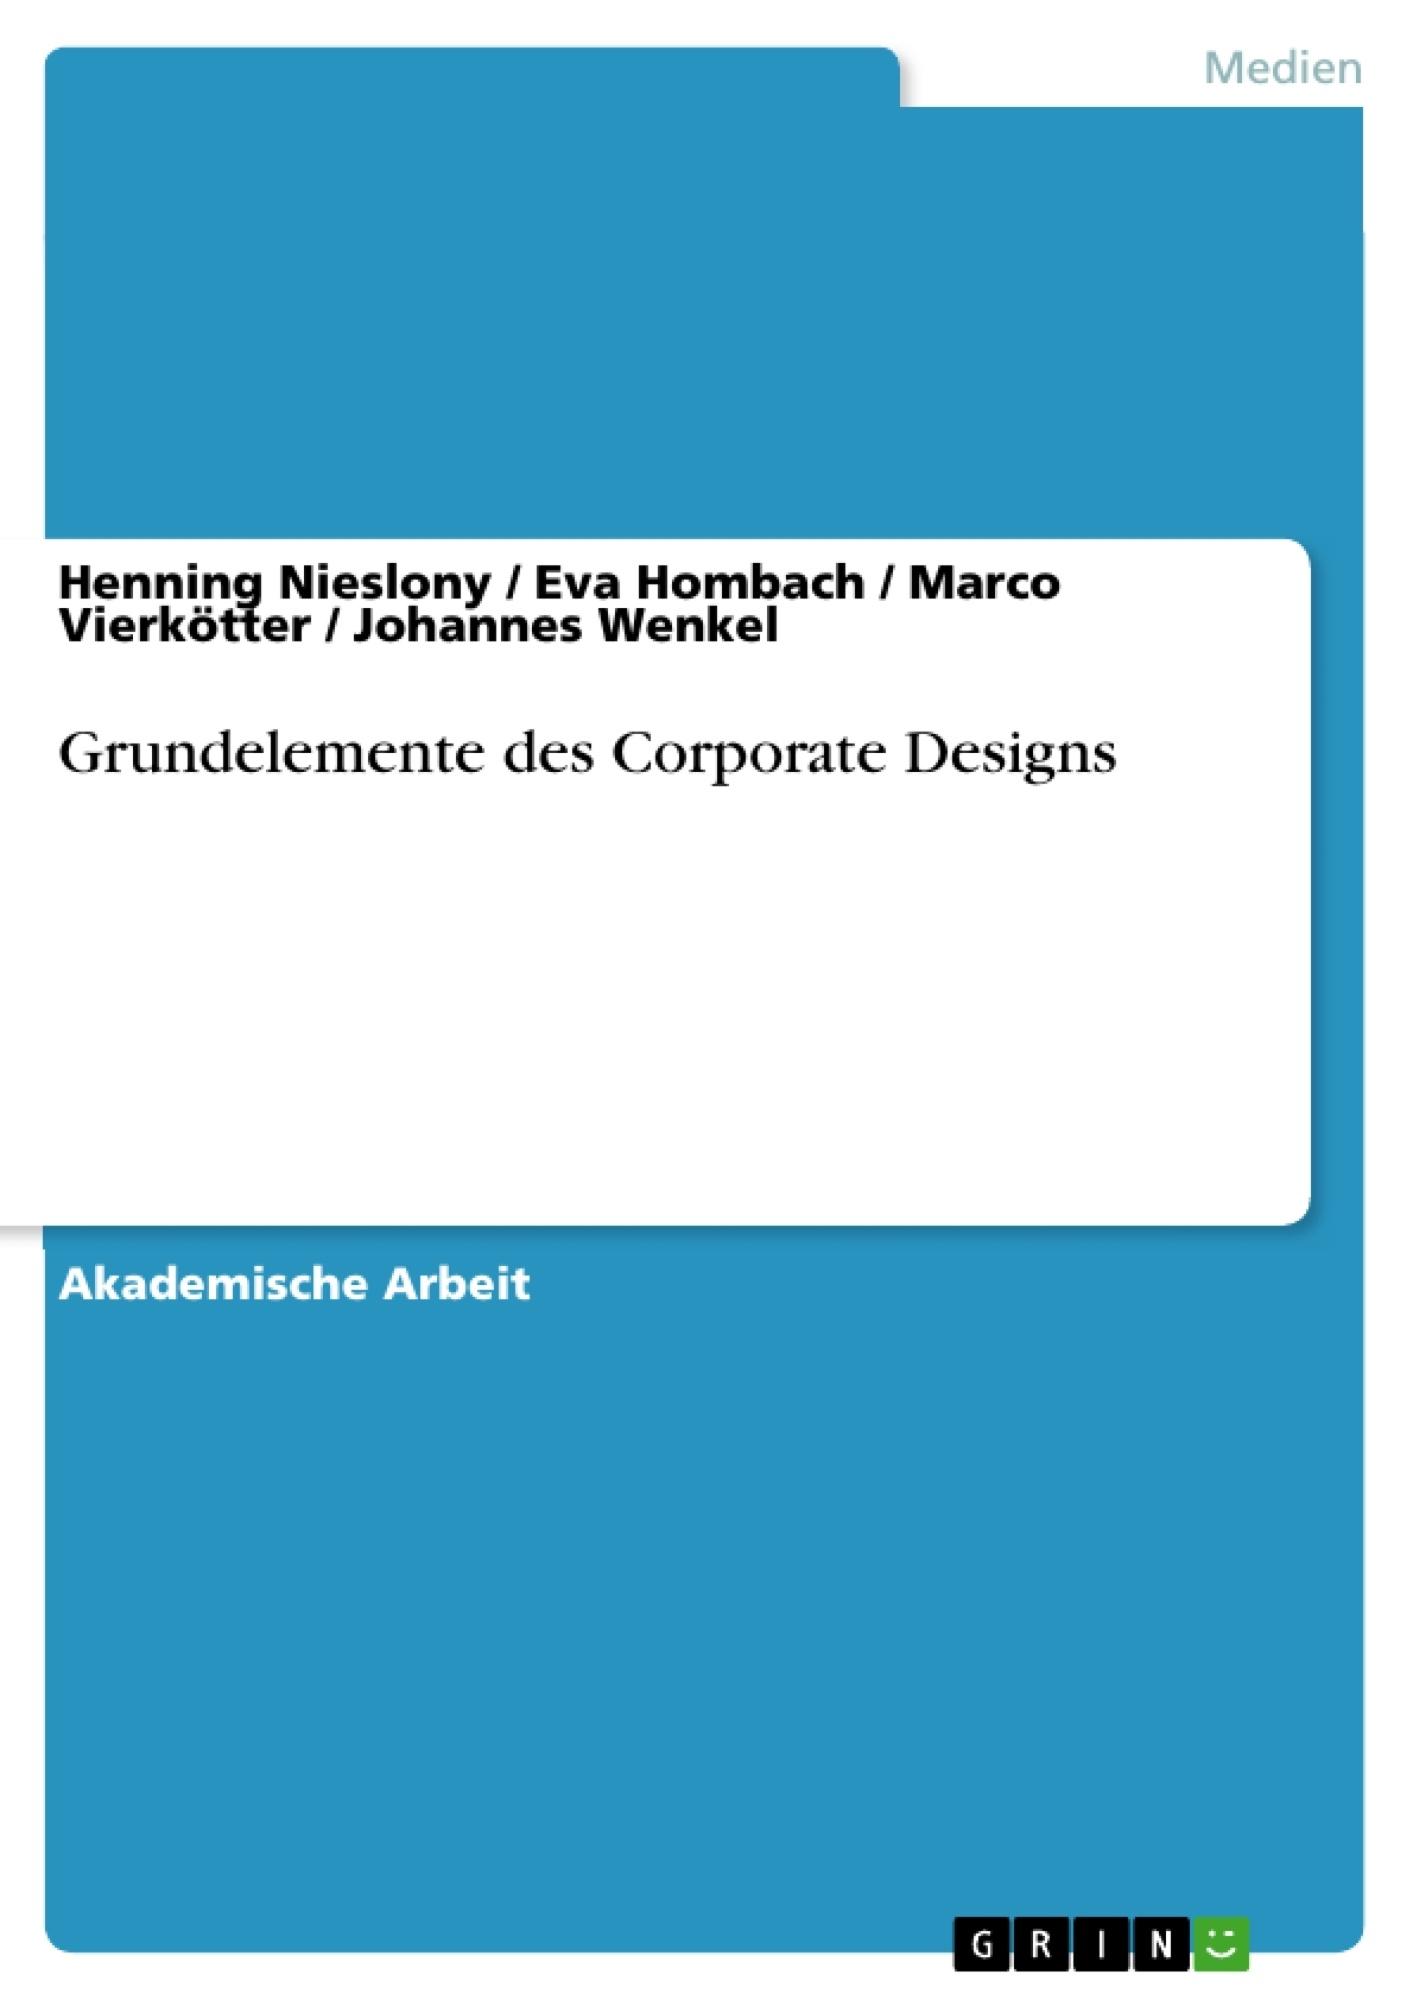 Titel: Grundelemente des Corporate Designs